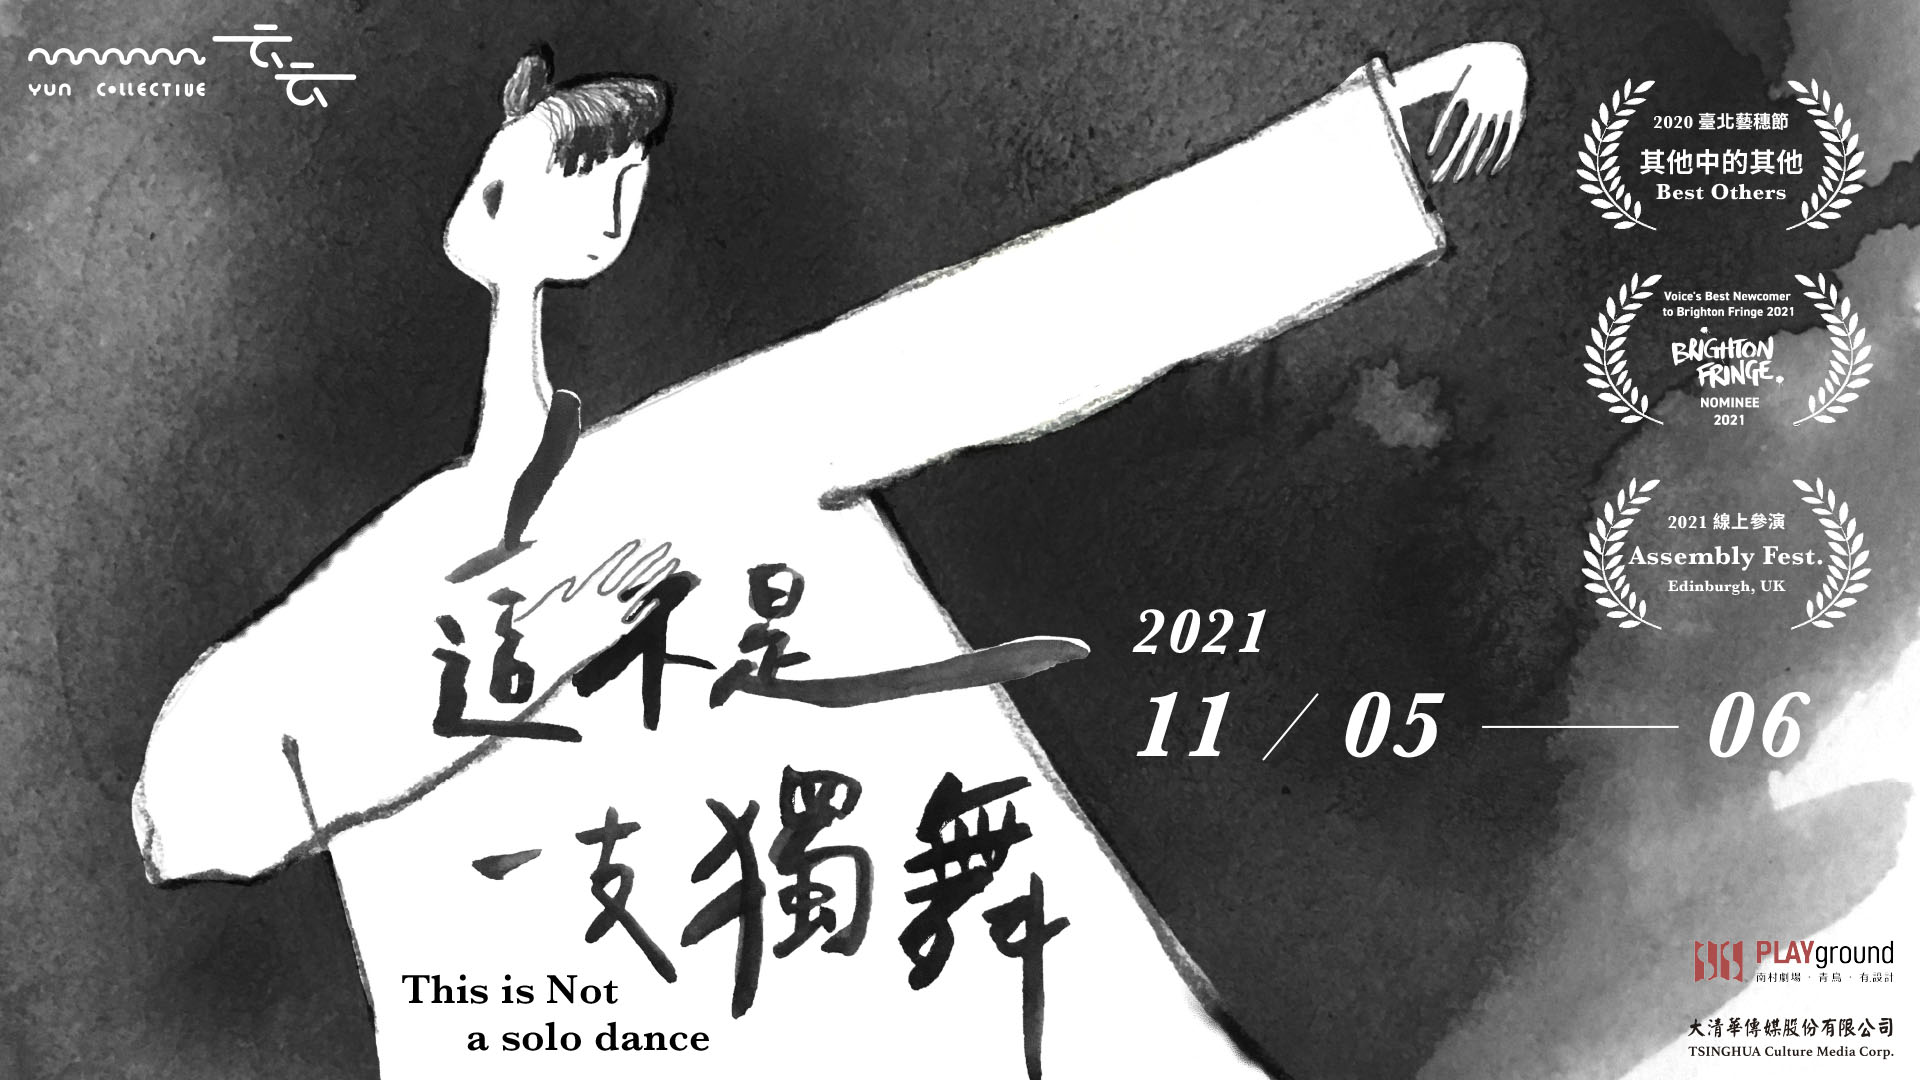 【2021 PLAYground 】這不是一支獨舞